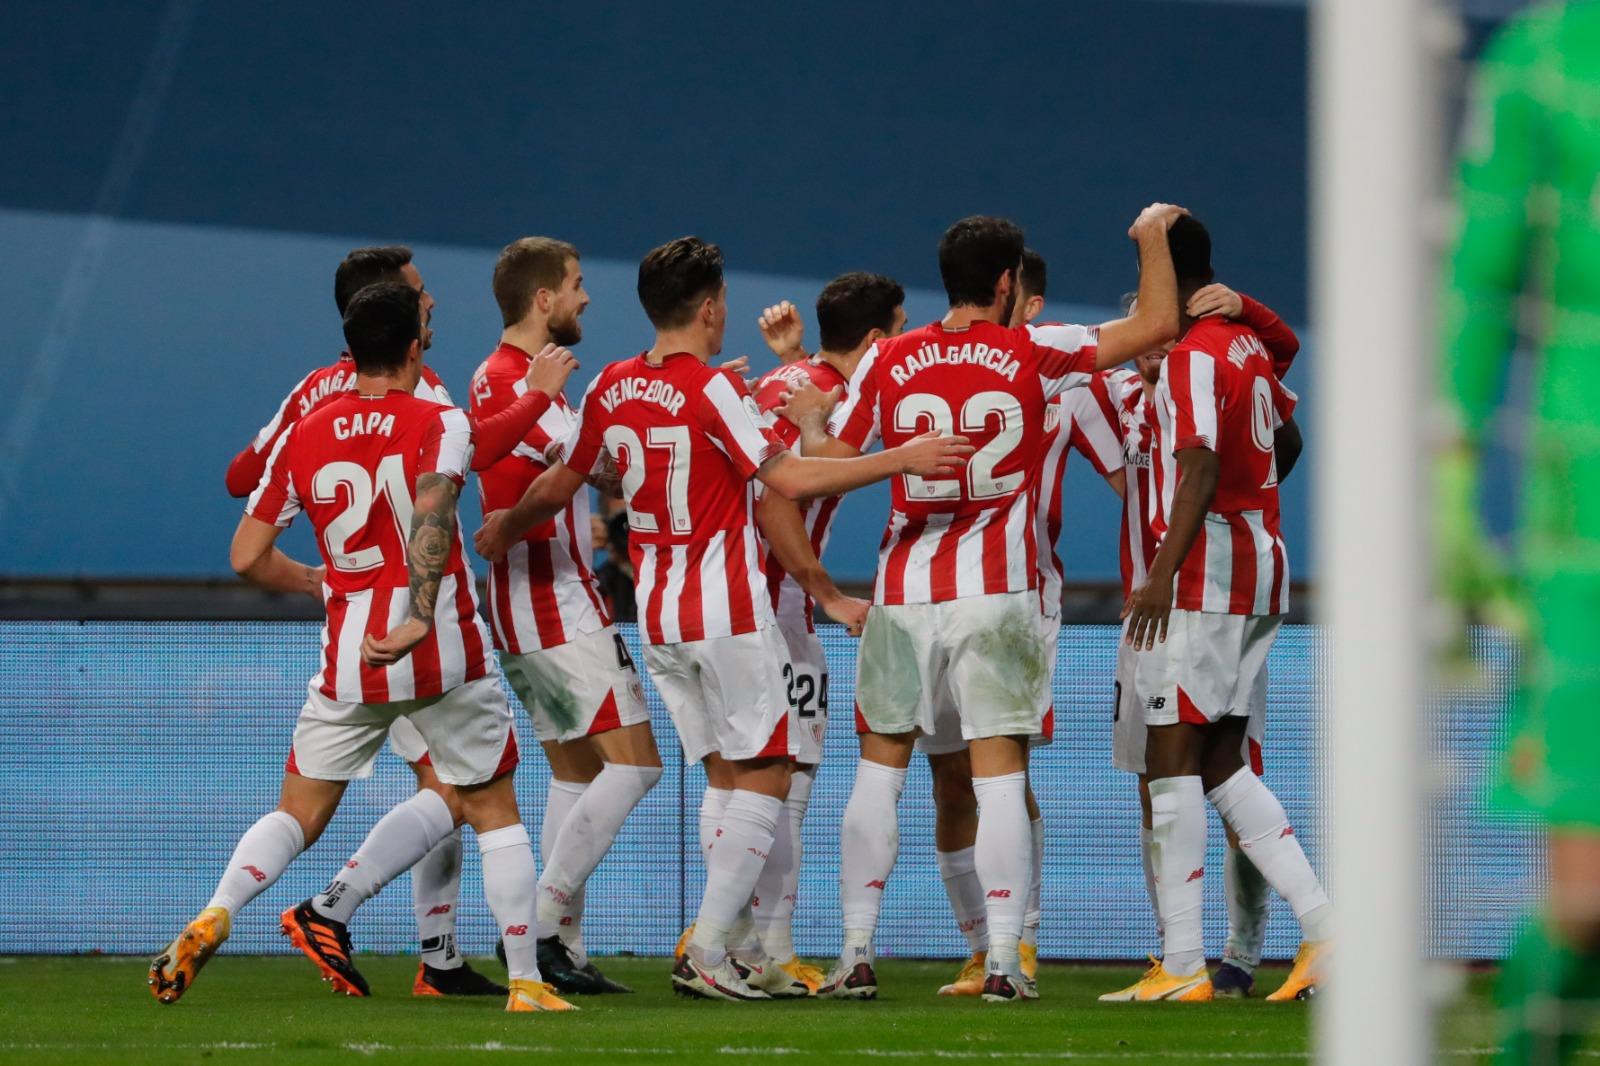 Athletic Club, campeón de la Supercopa de España. Foto: Twitter Real Federación Española